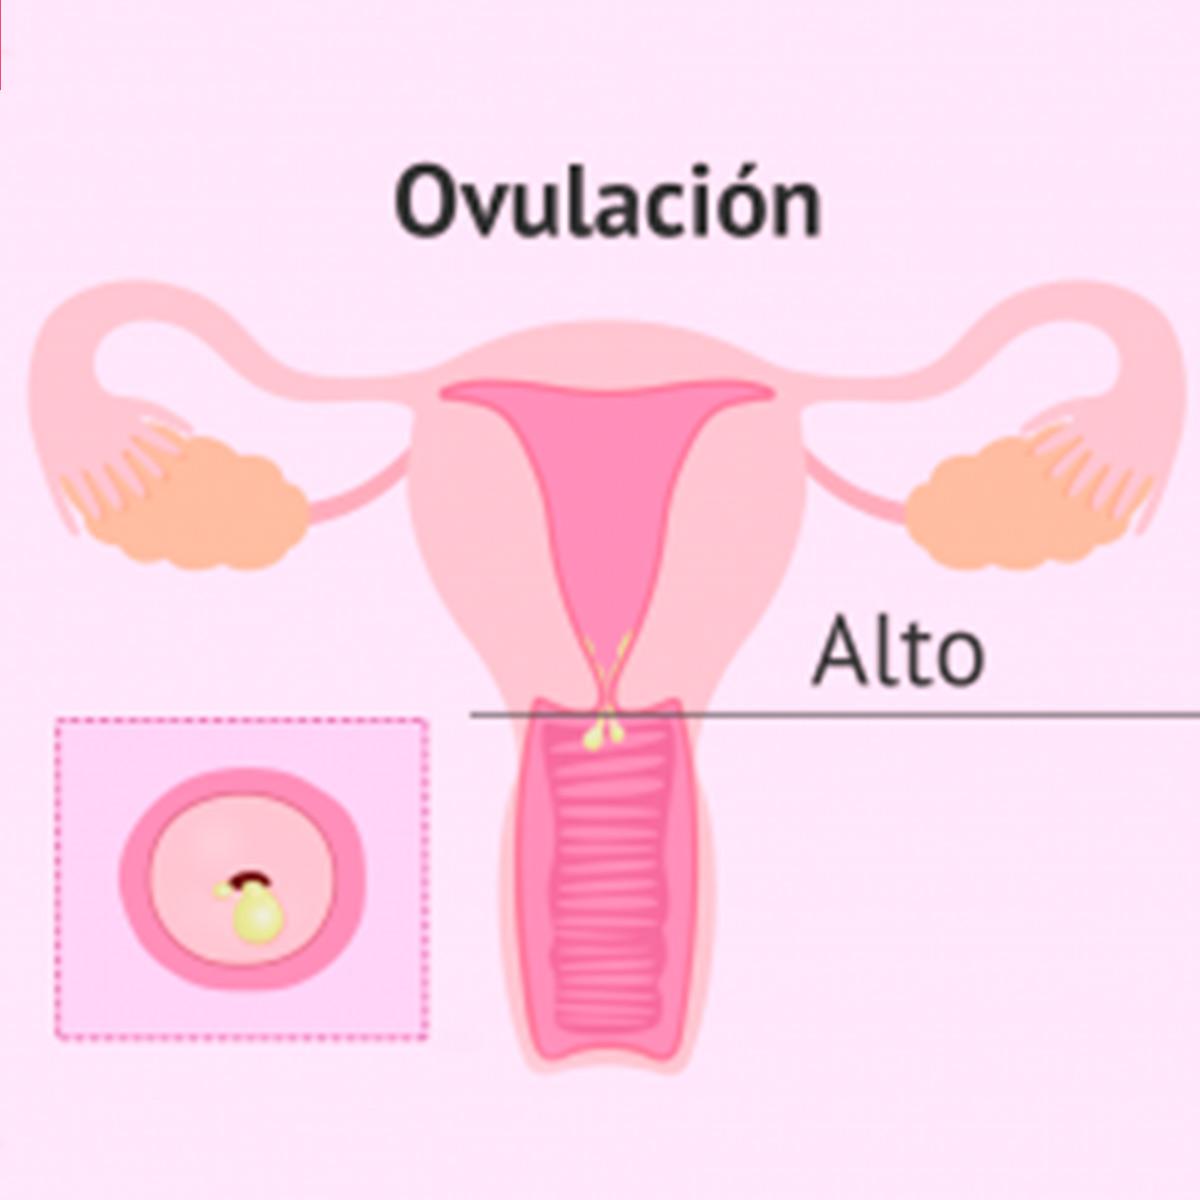 cambios-en-el-cervix-durante-el-ciclo-menstrual-cuadrada